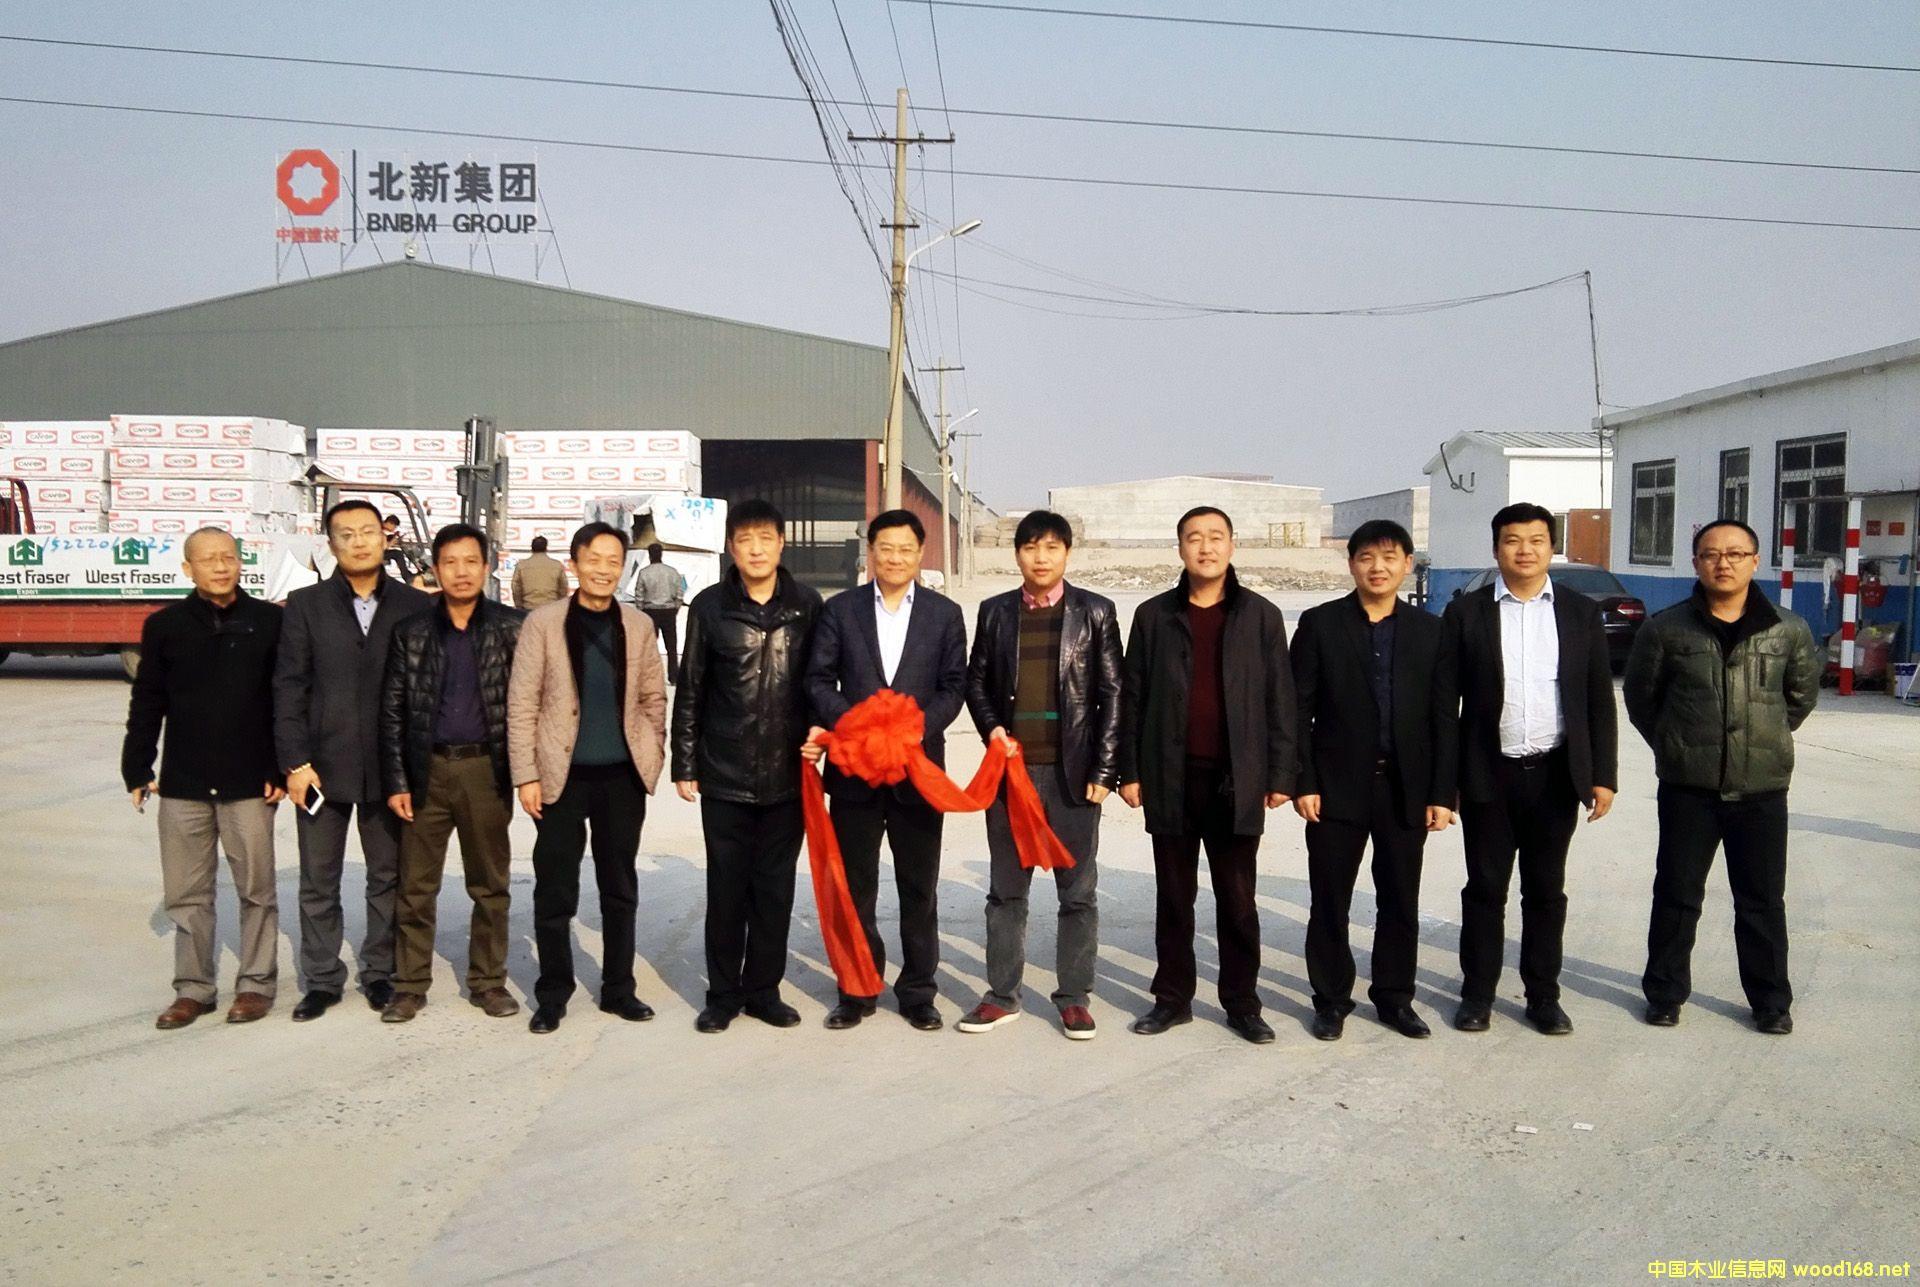 北新集團天津專屬木材倉庫正式啟用運營